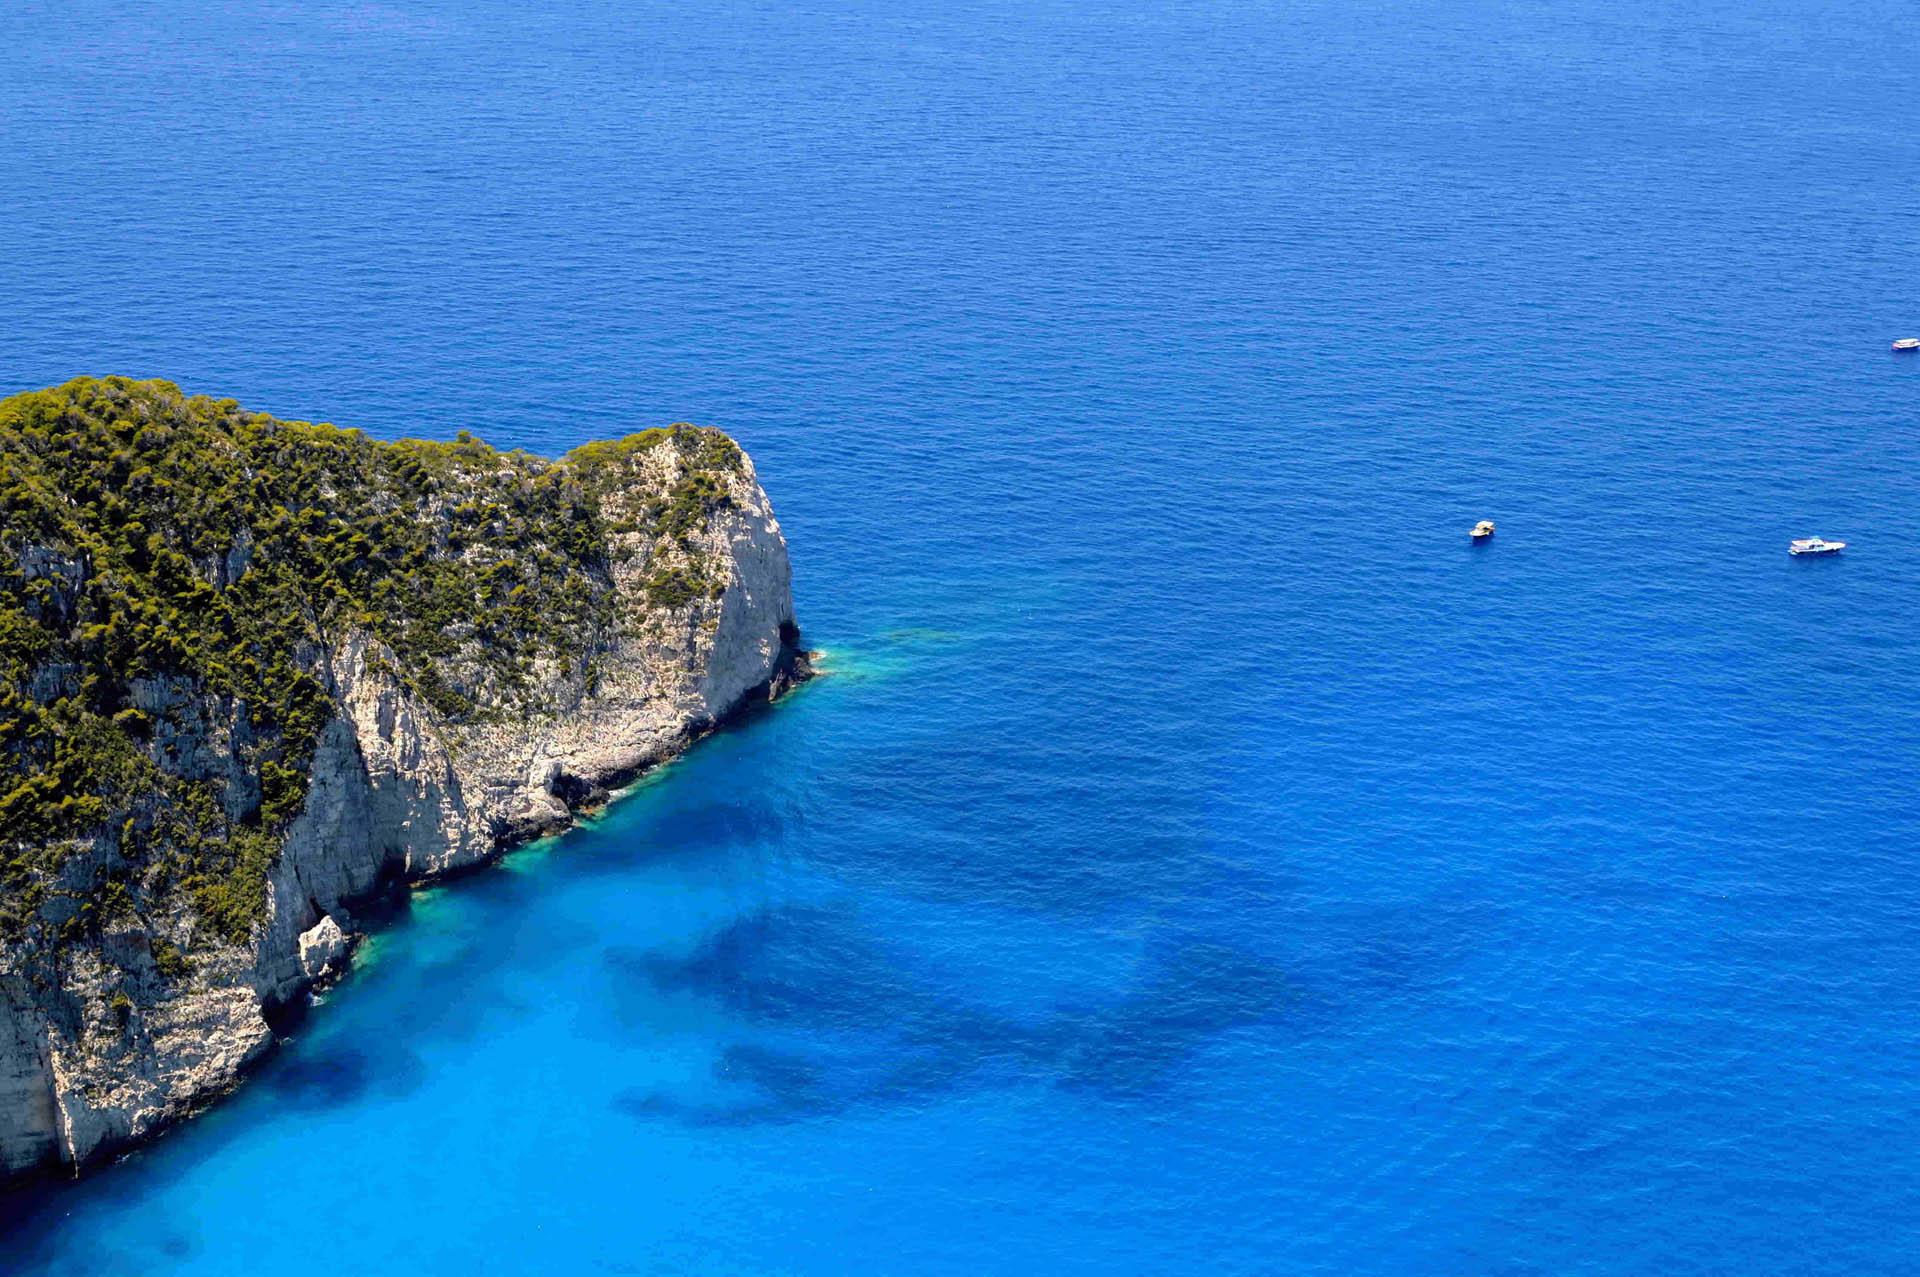 Zatoka, w której położony jest wrak statku Navagio